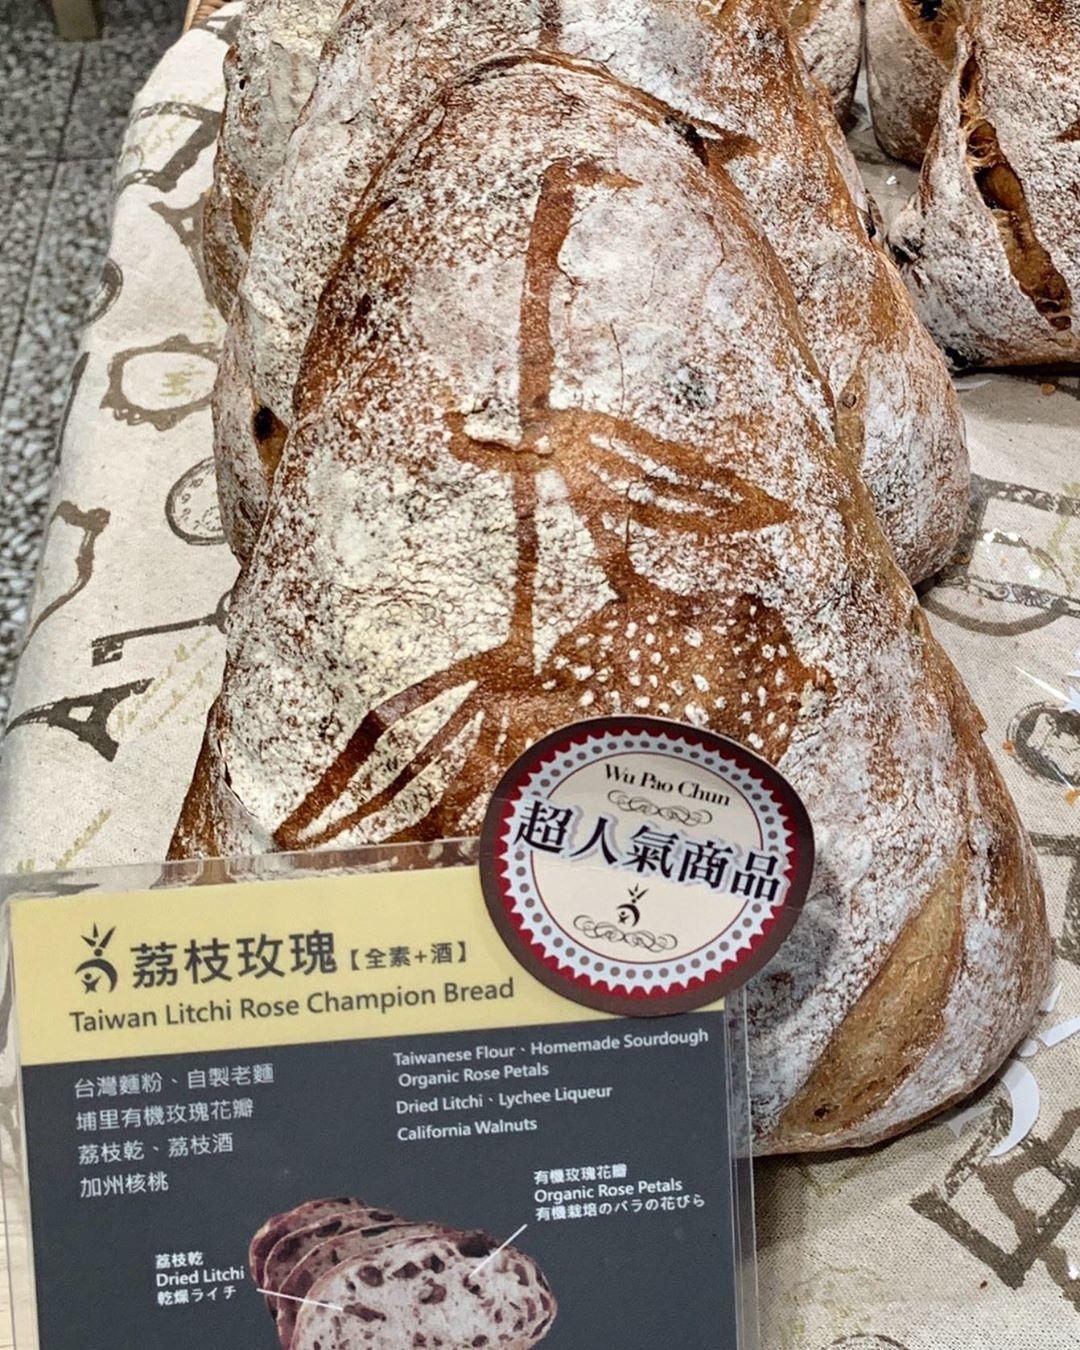 10/6(日)に、1日限定で台湾で習ってきた世界チャンピオンのパン「ライチパン」を焼かせていただきます(2019.10.05)